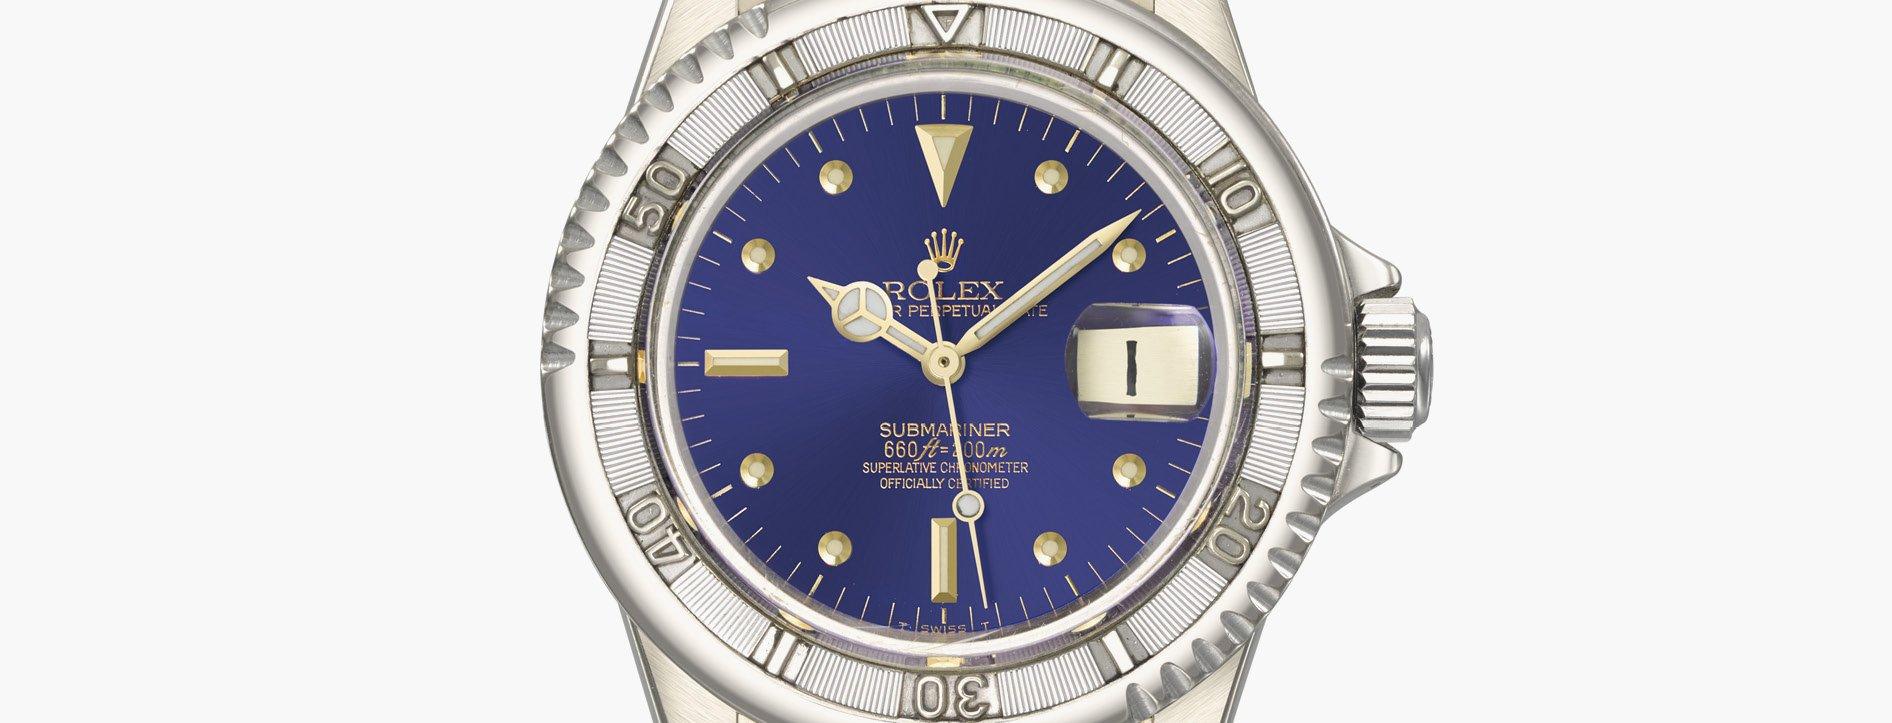 Iconic Rolex Submariner